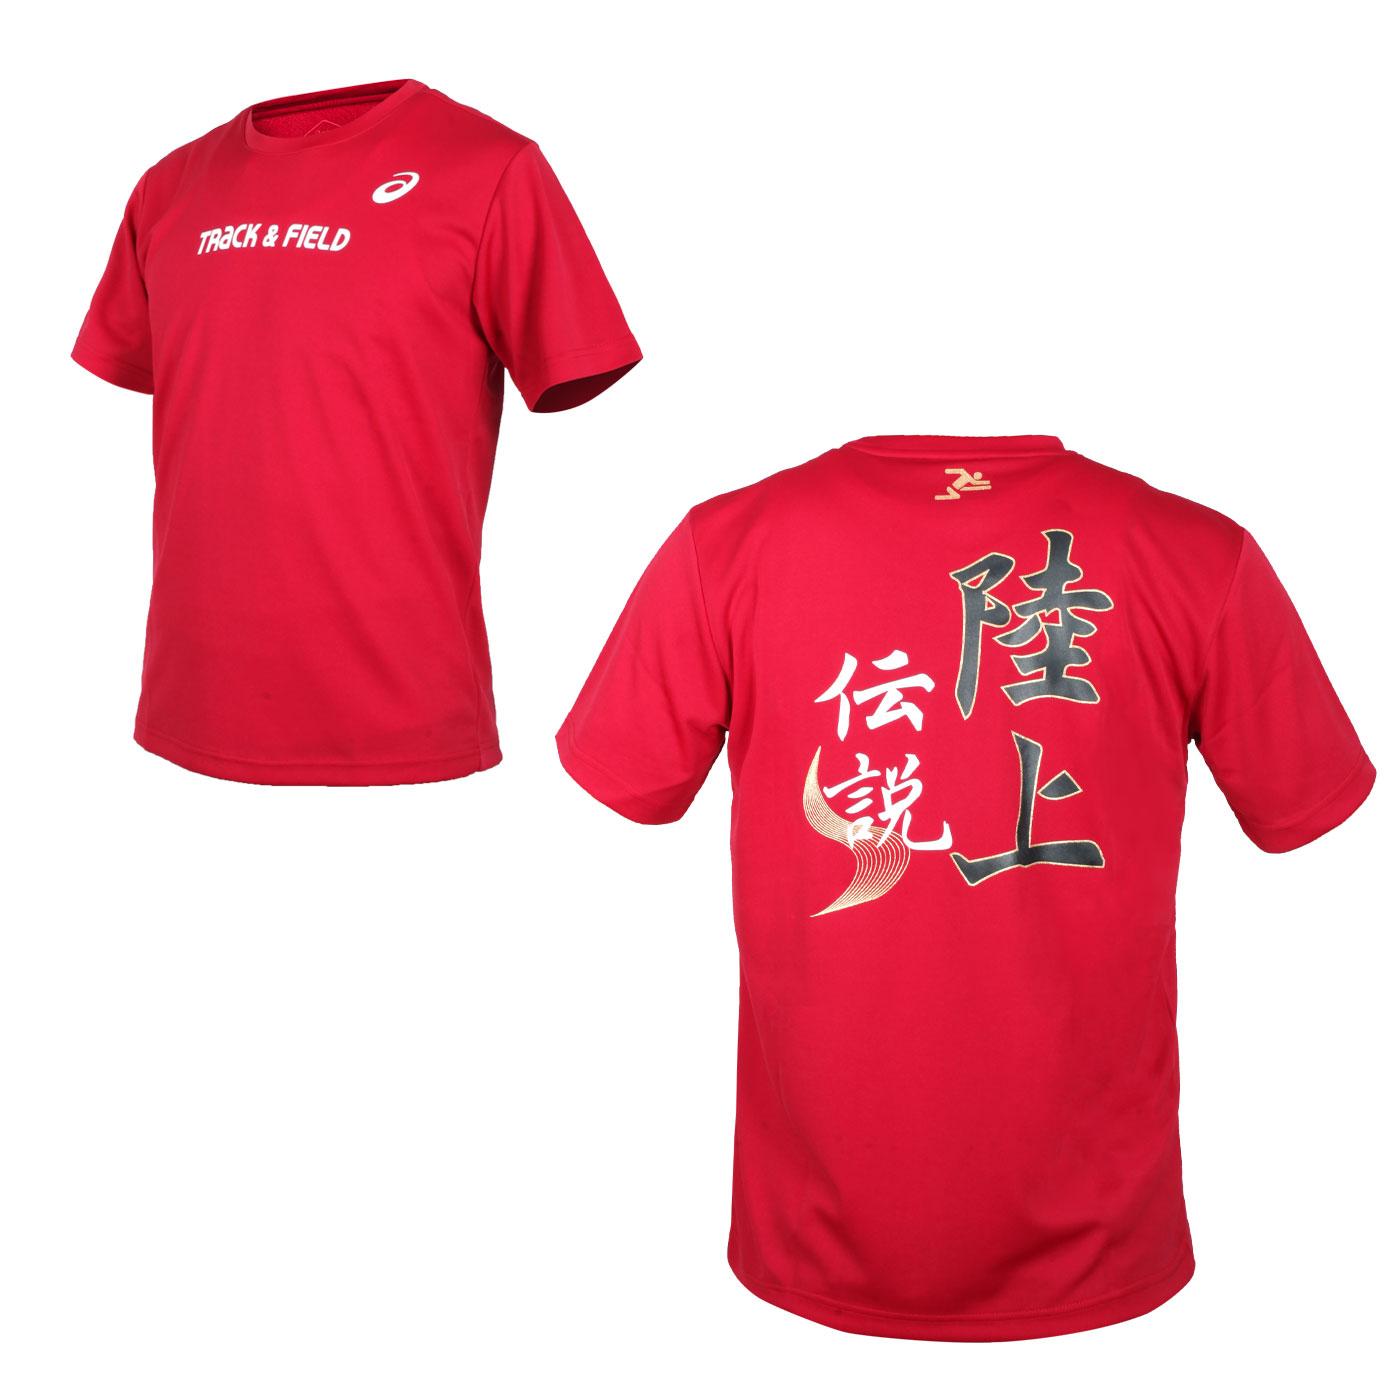 ASICS 男款短袖T恤 2093A129-600 - 紅白